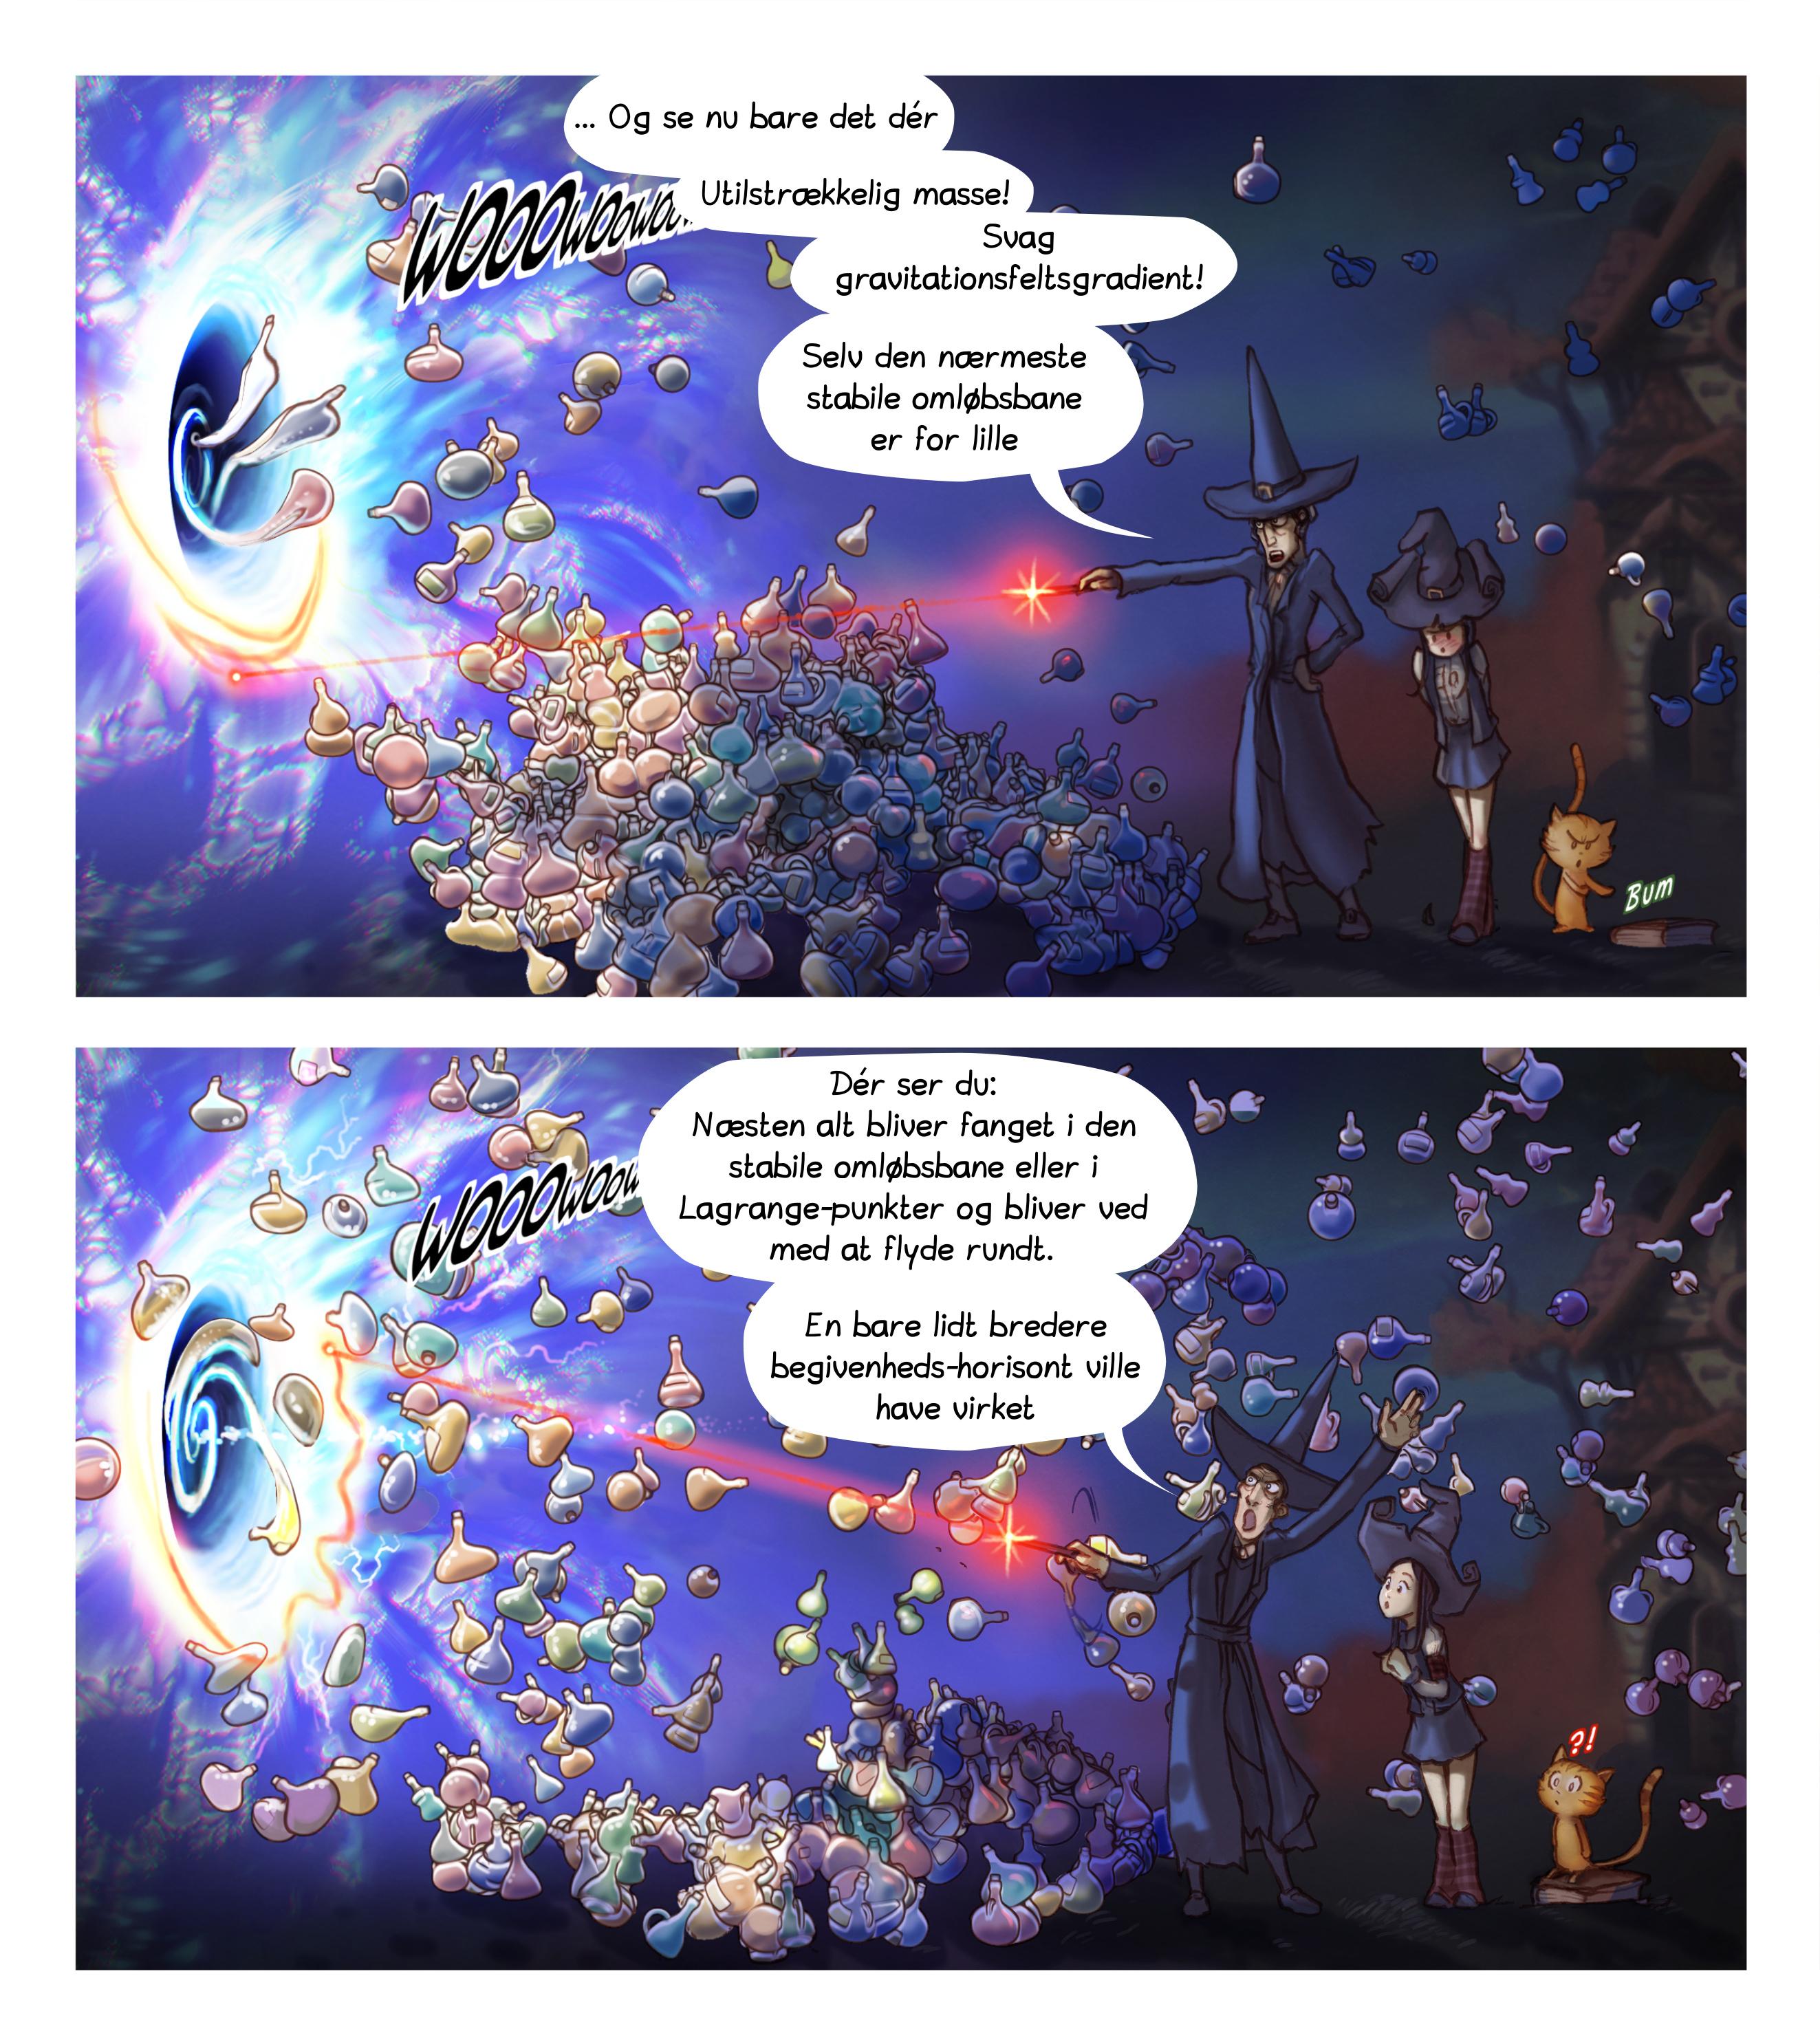 Episode 12: Efterårsoprydning, Page 5